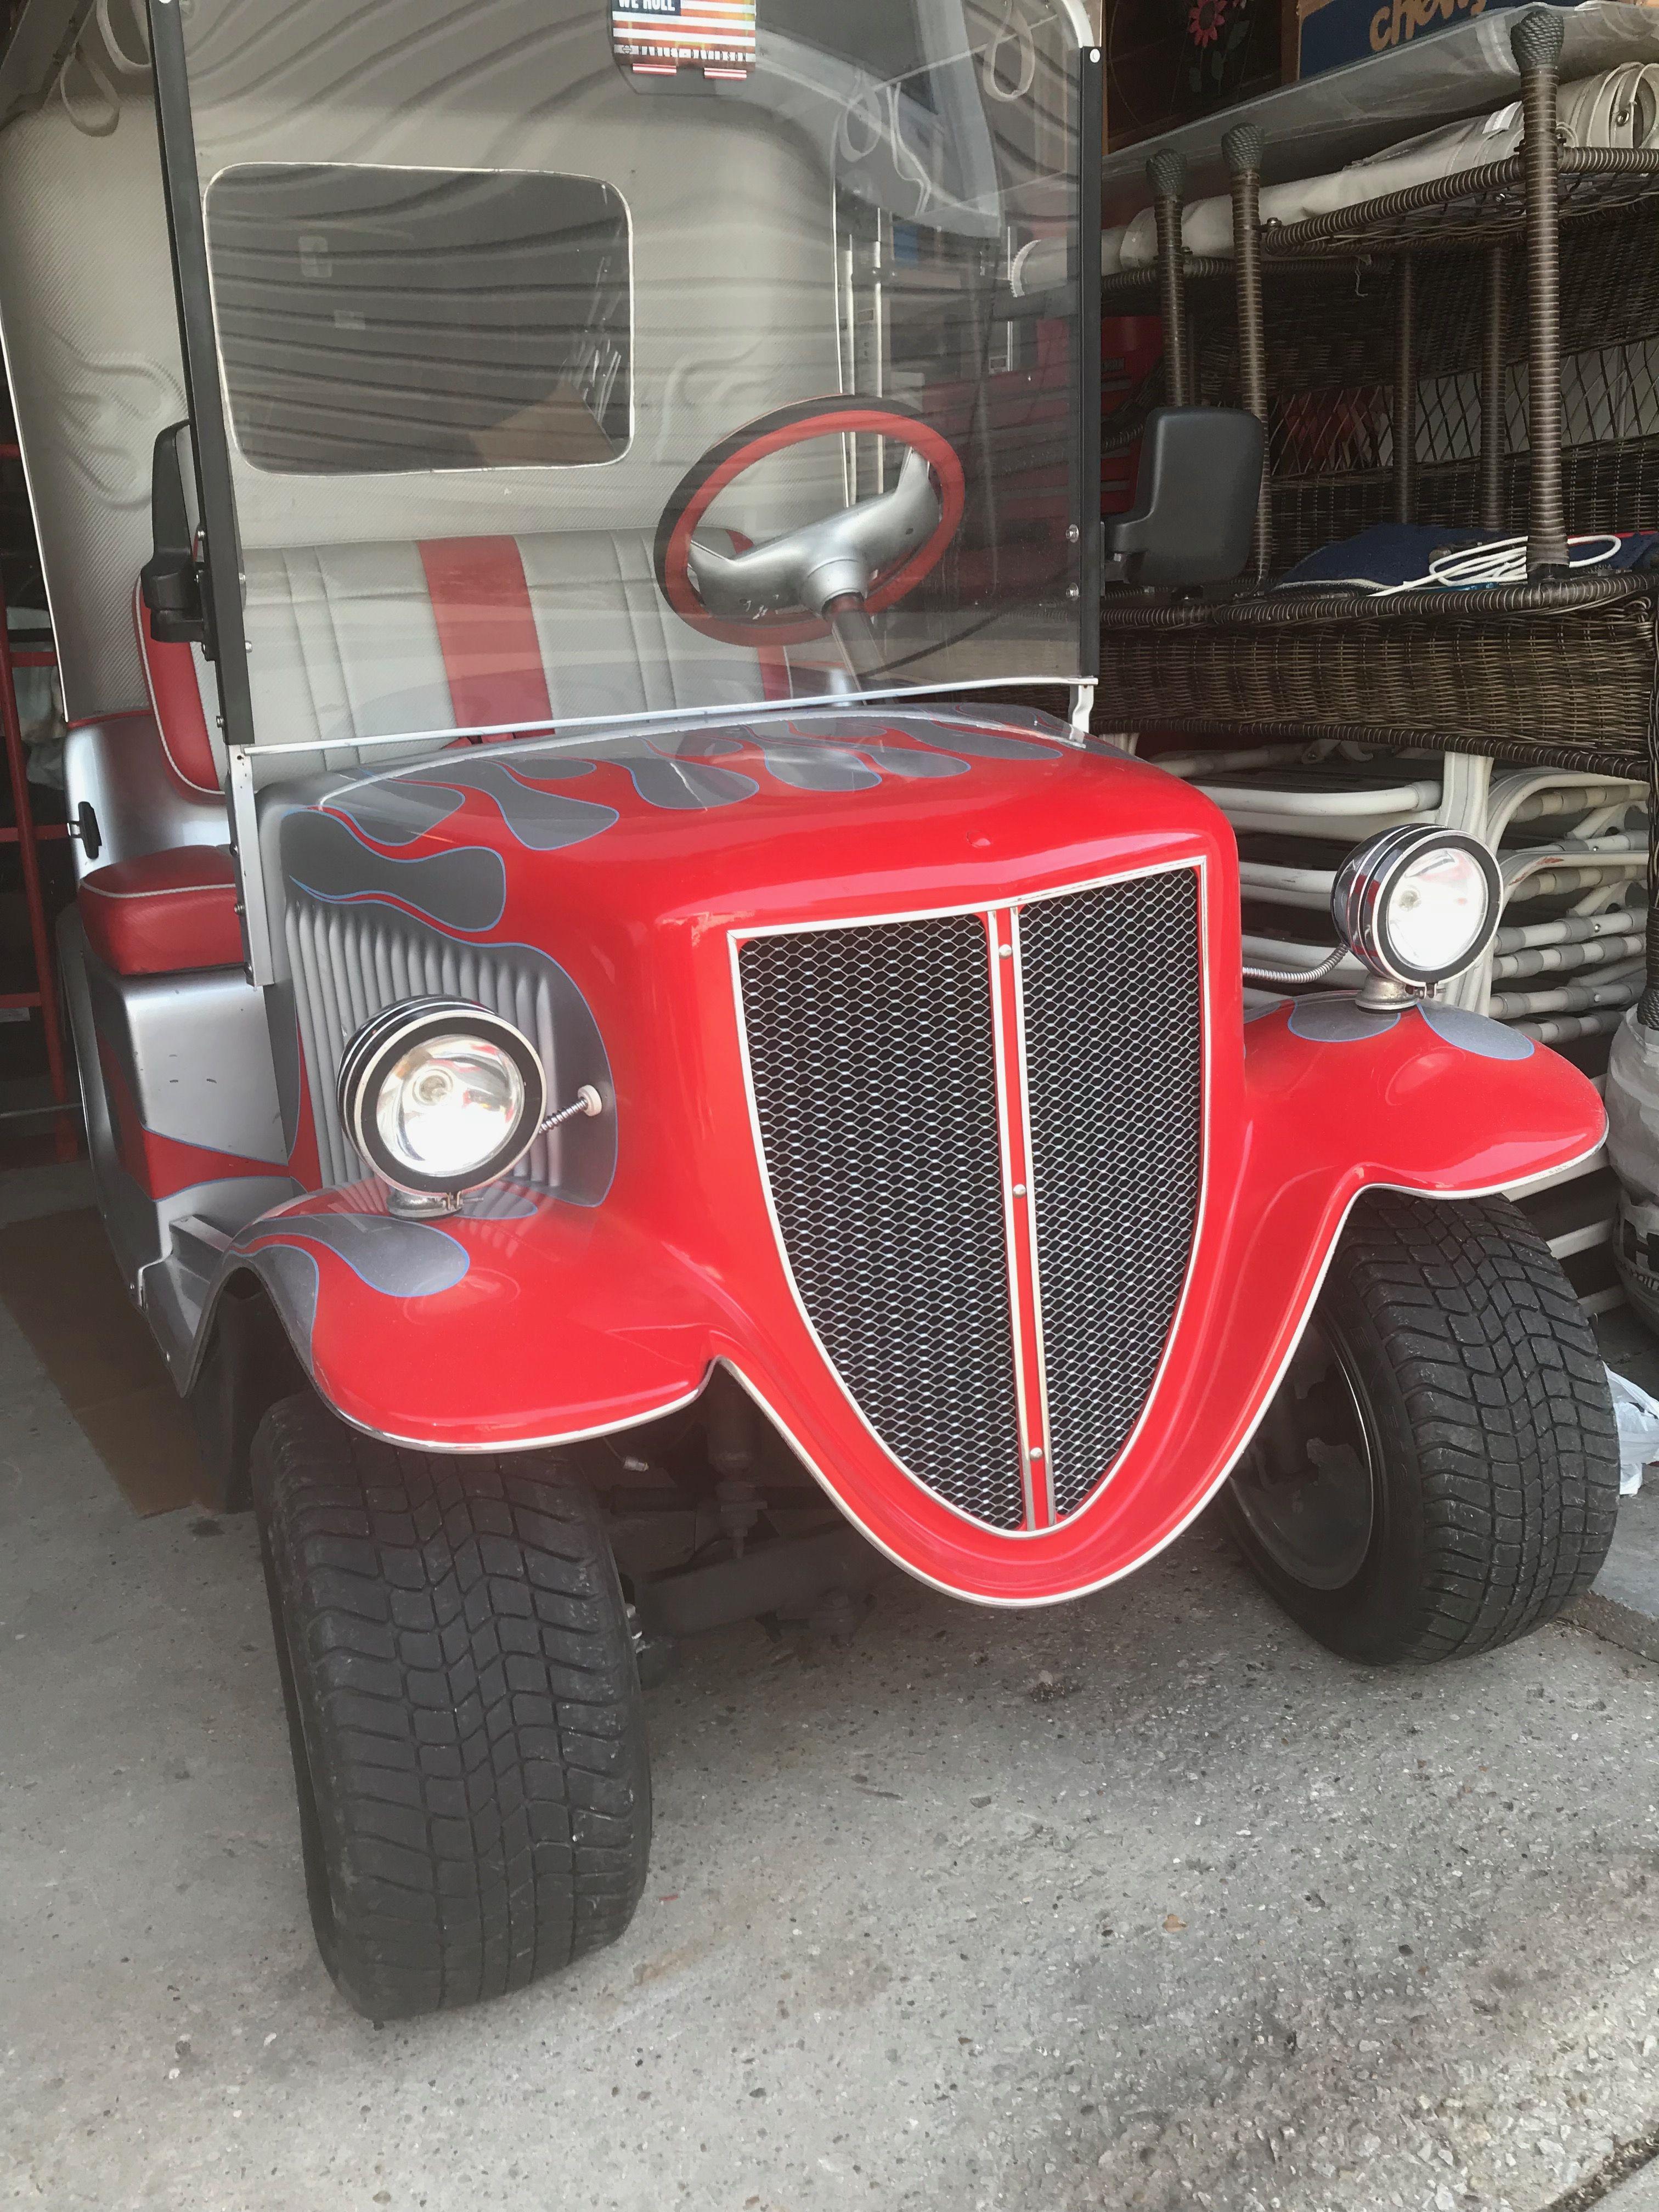 Pin by Lynne Turney Zalenski on My Style Ford hot rod